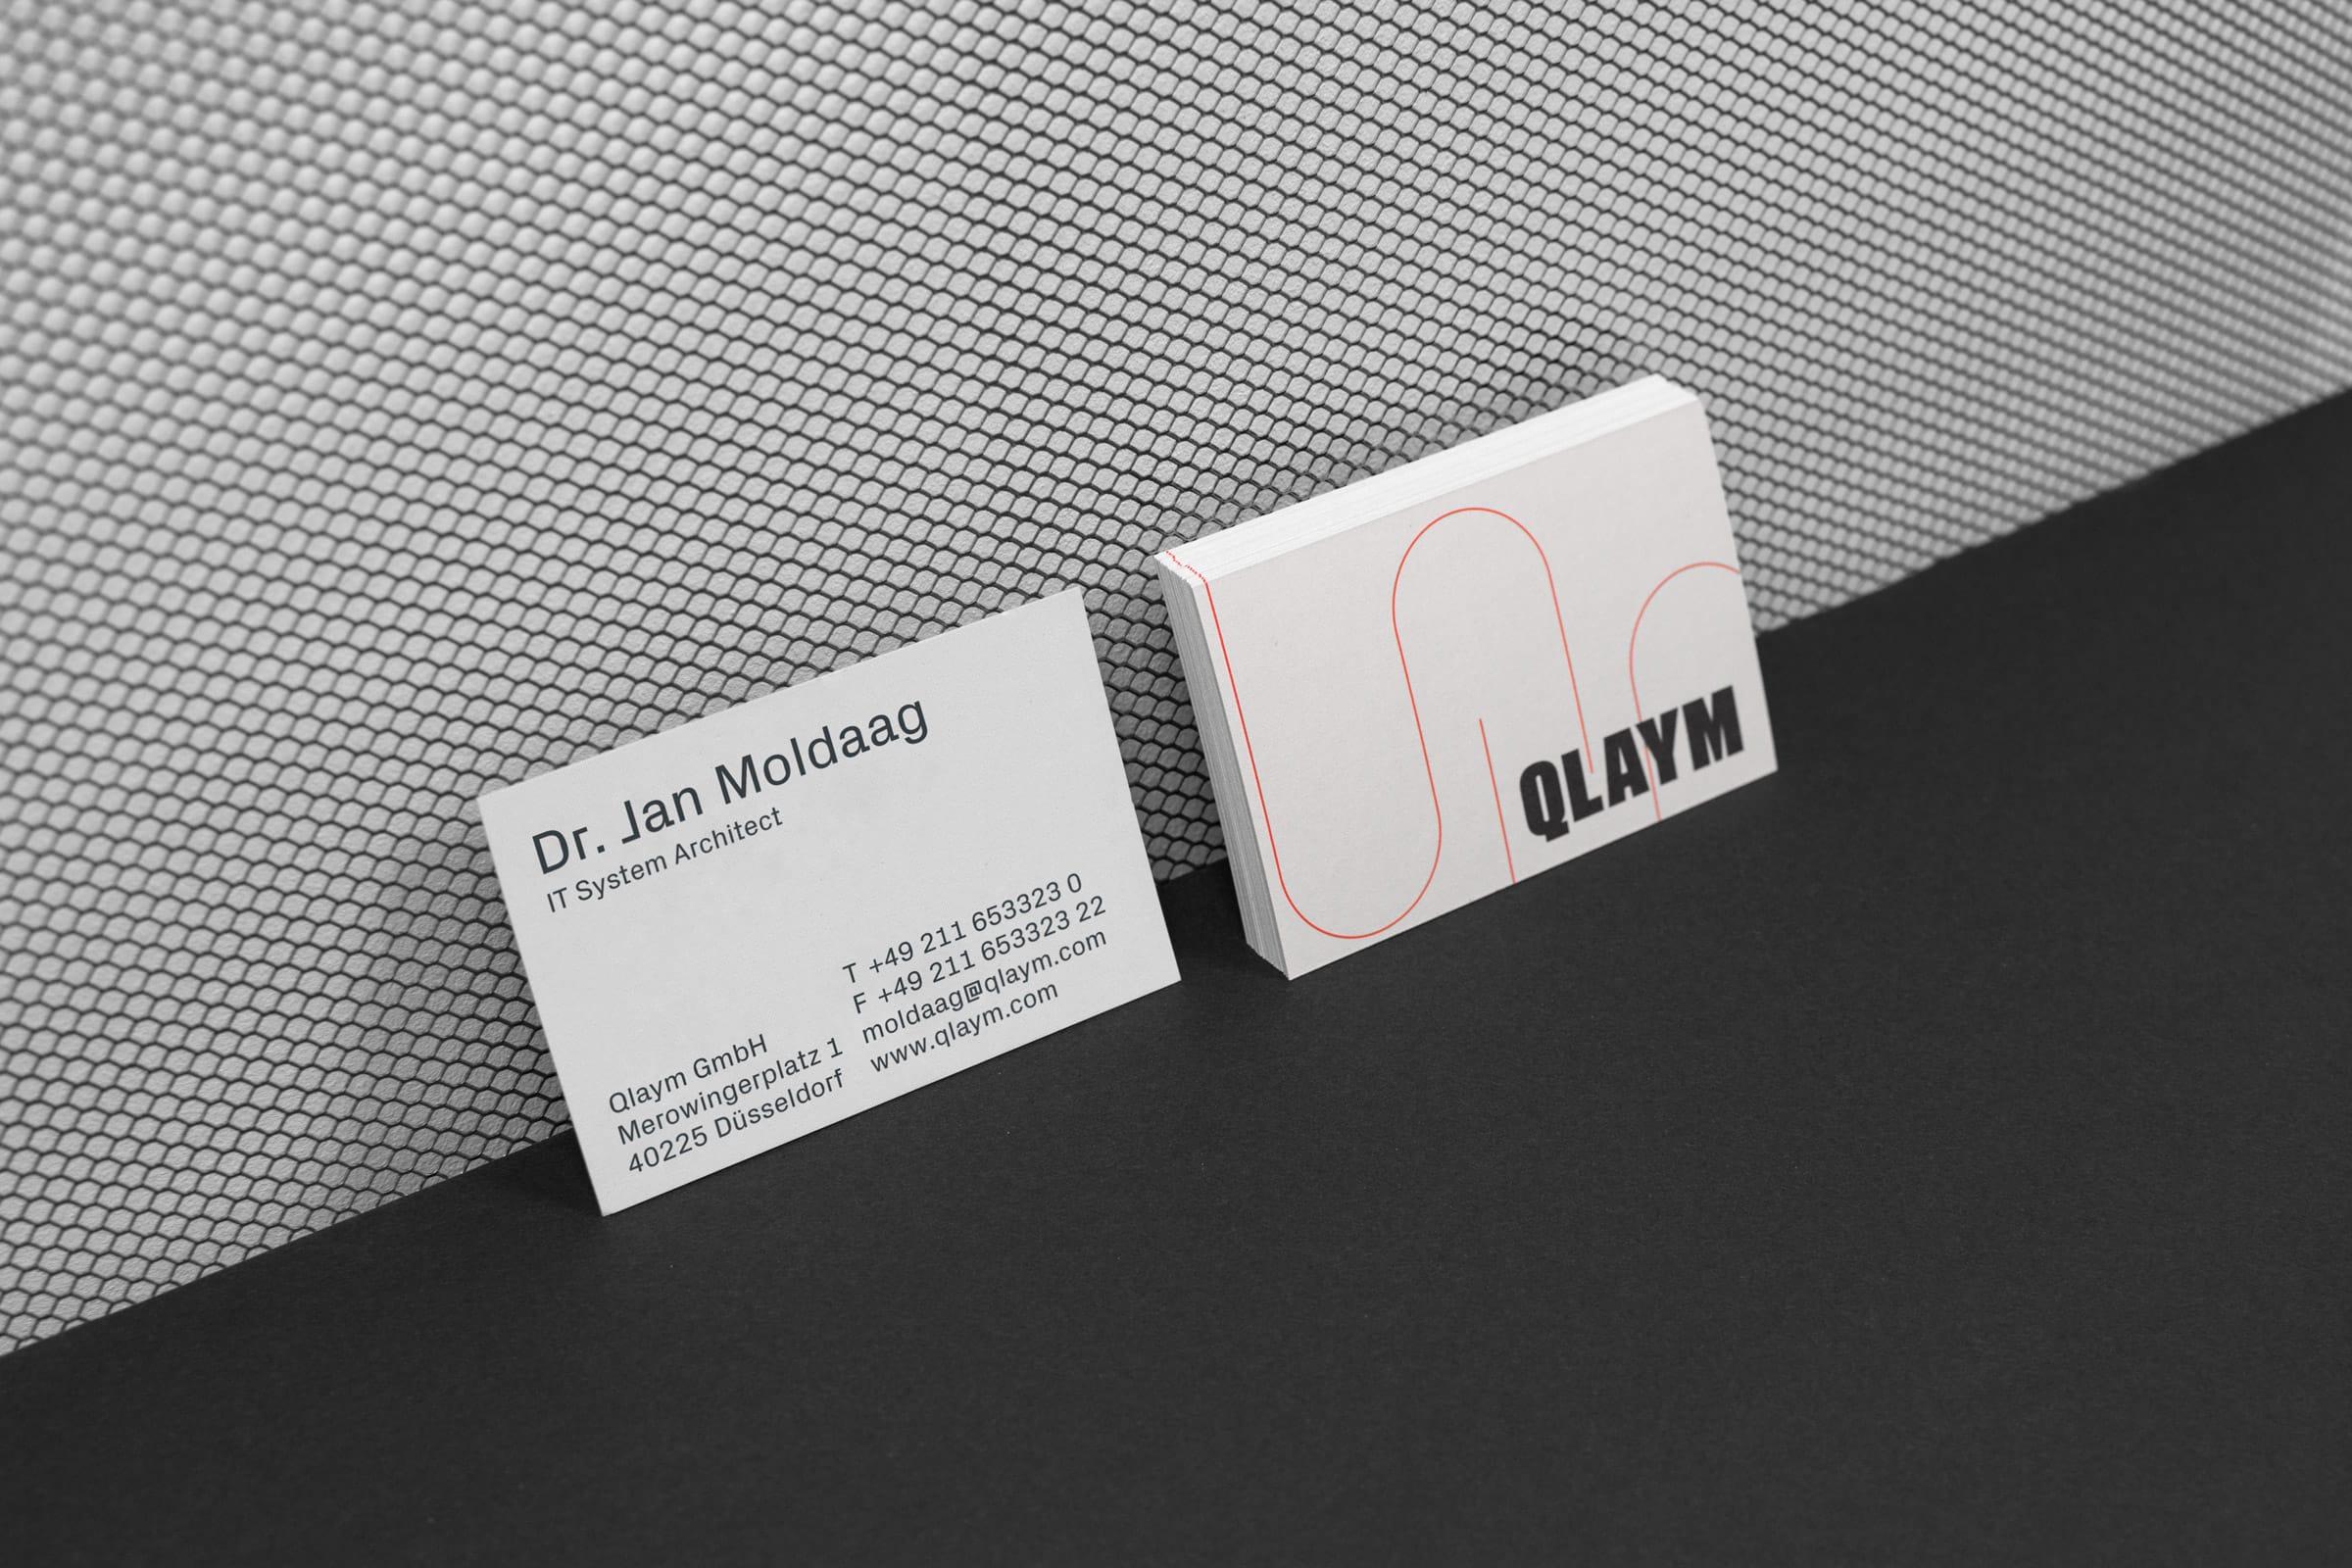 Visitenkarten, Identity Design, Branding, Px Grotesk,